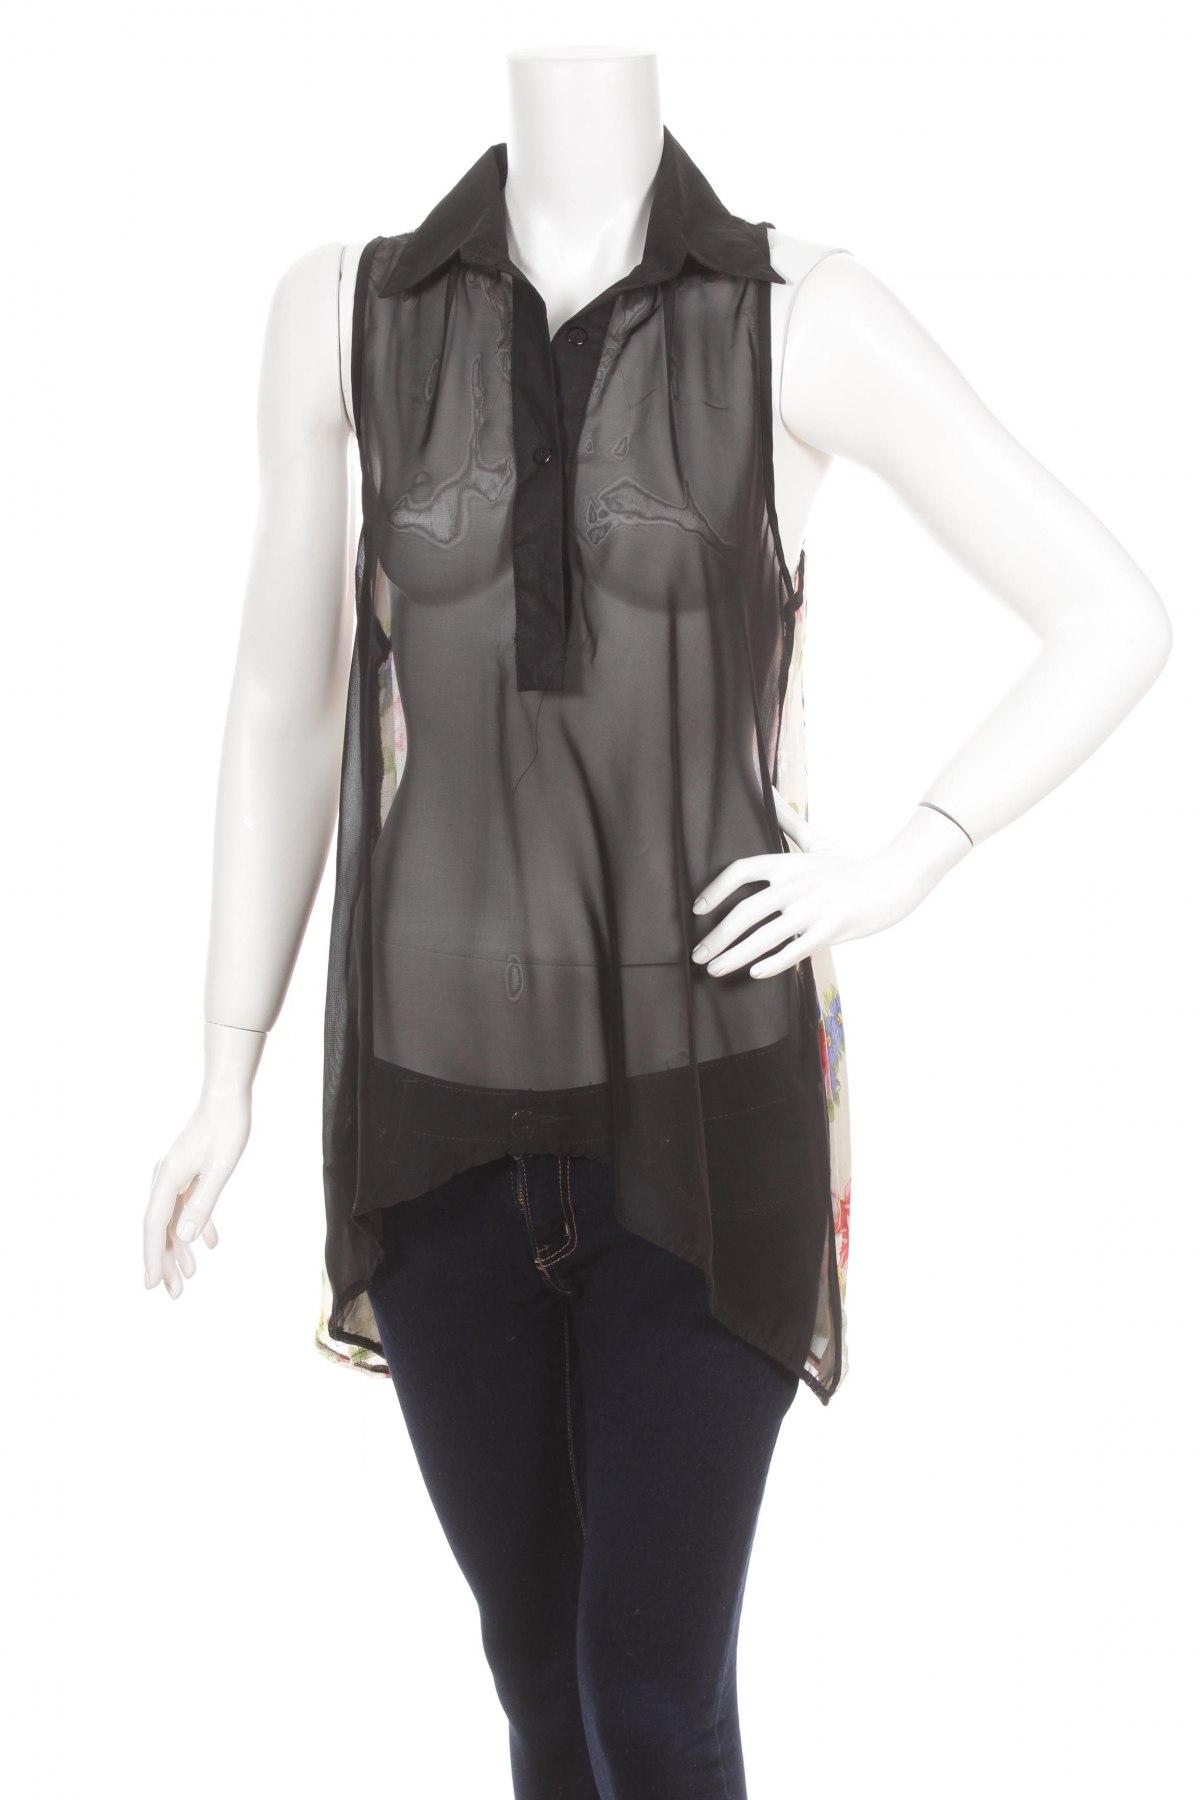 Γυναικείο πουκάμισο G&Y, Μέγεθος S, Χρώμα Πολύχρωμο, Πολυεστέρας, Τιμή 10,52€